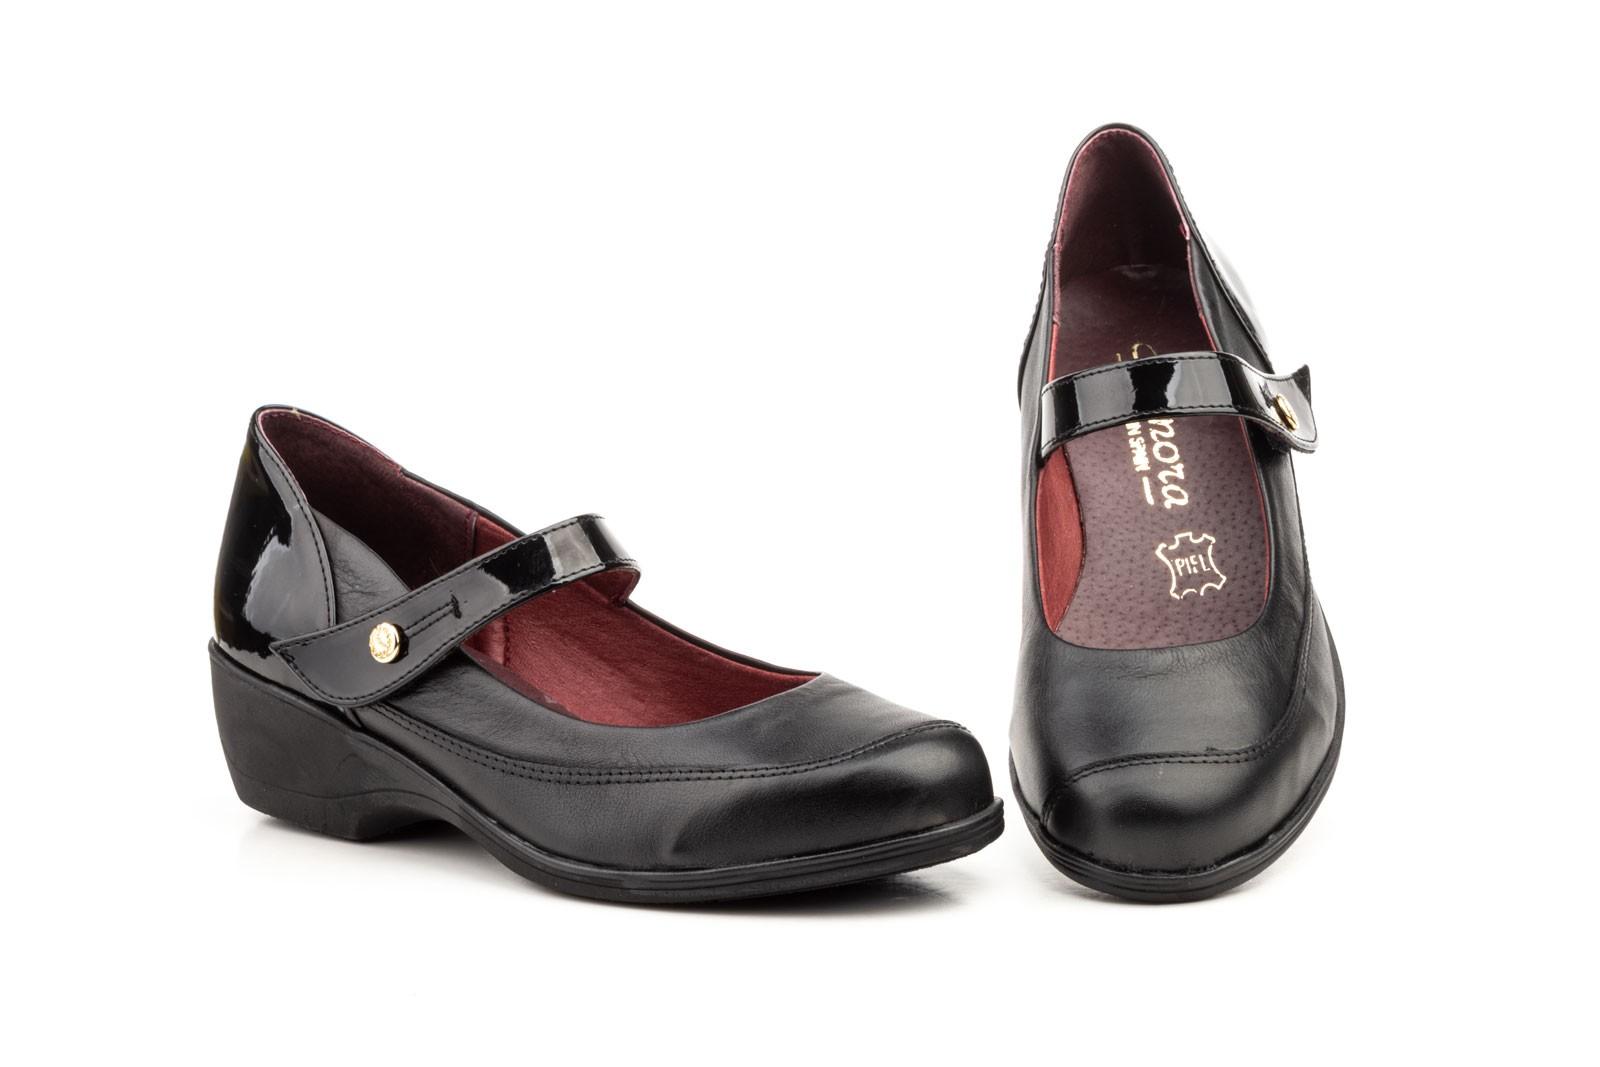 Zapatos Mujer Piel Negro Cuña Velcro ANNORA-84352,50€